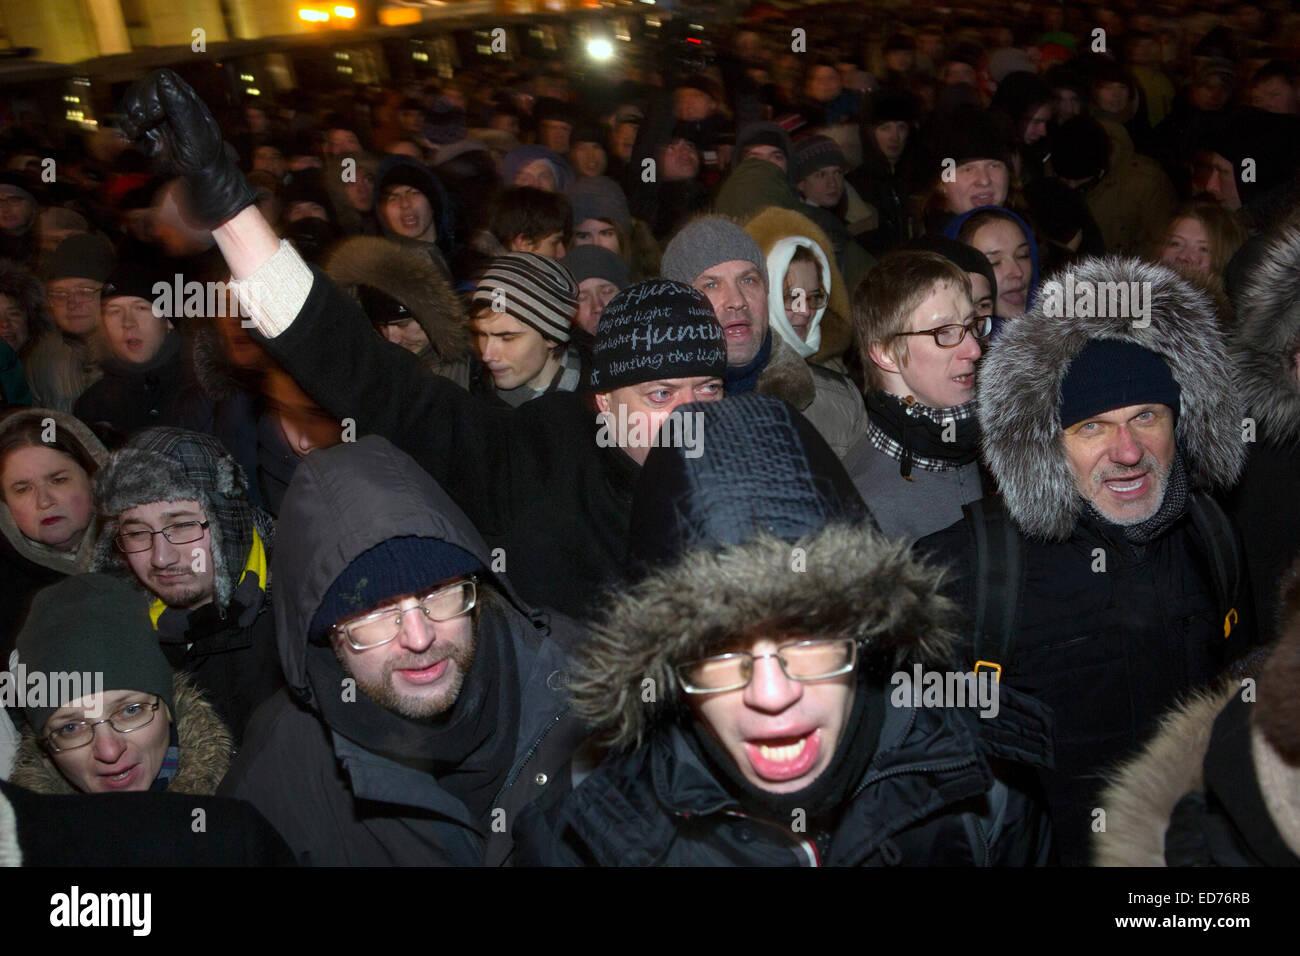 Moscú, Rusia. 30 dic, 2014. Los partidarios del líder de la oposición ruso Alexei Navalny celebrar Imagen De Stock